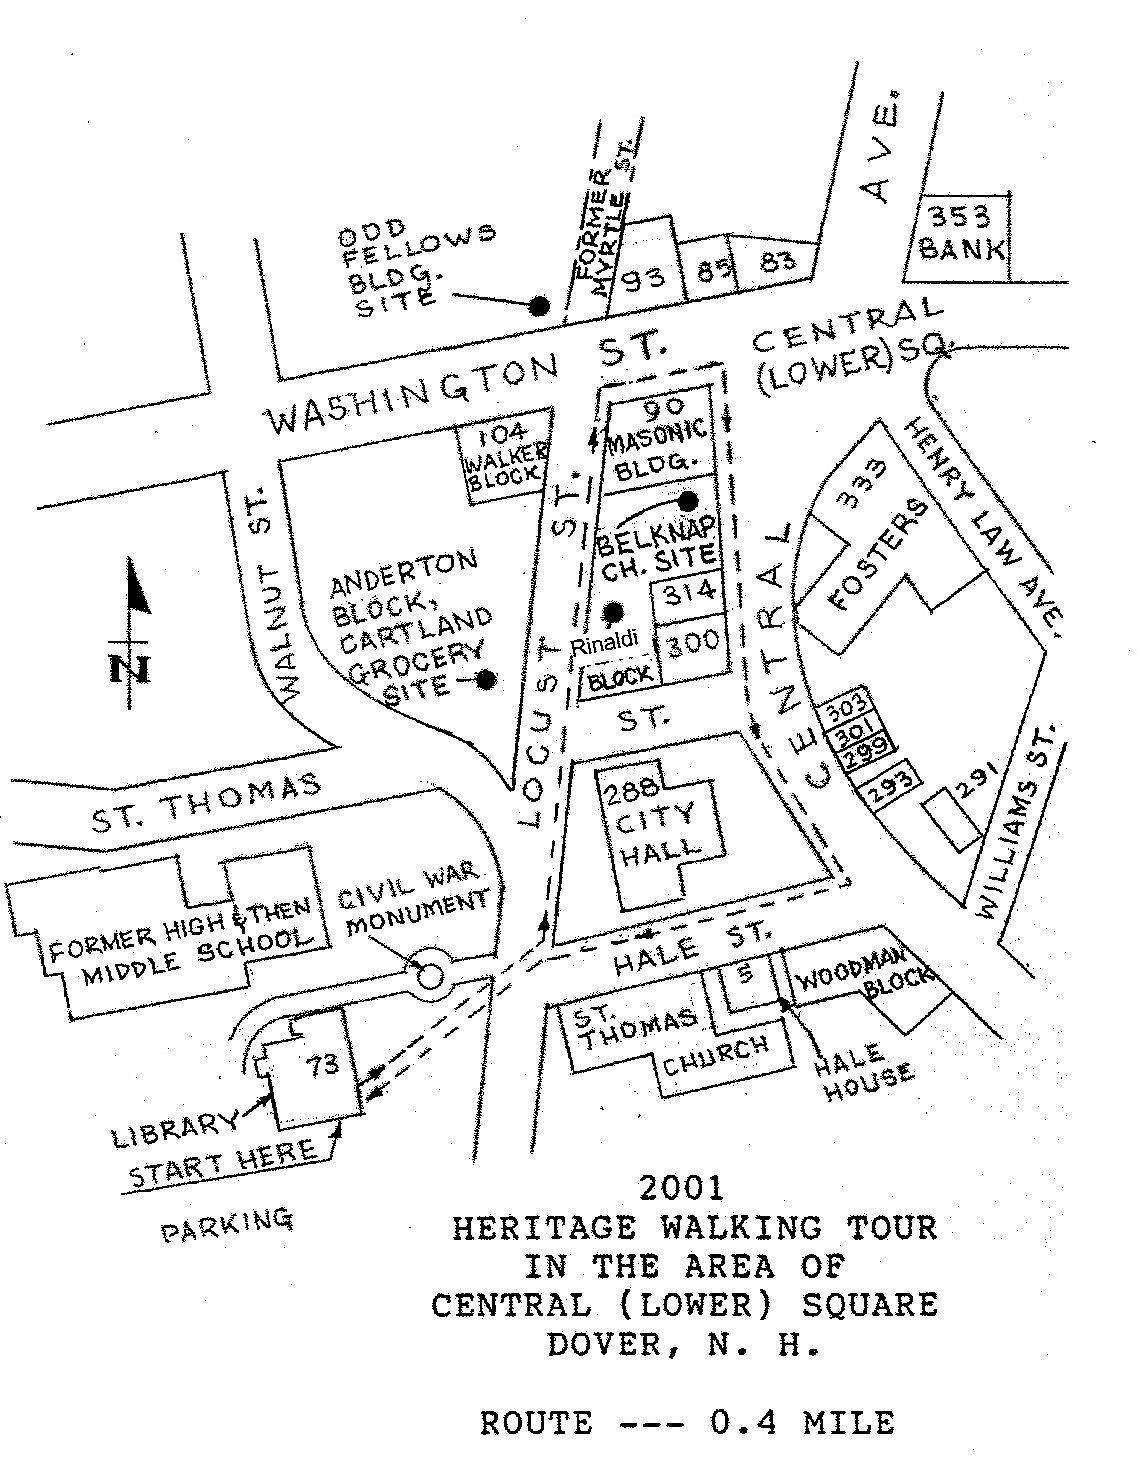 2001 Heritage Walking Tour